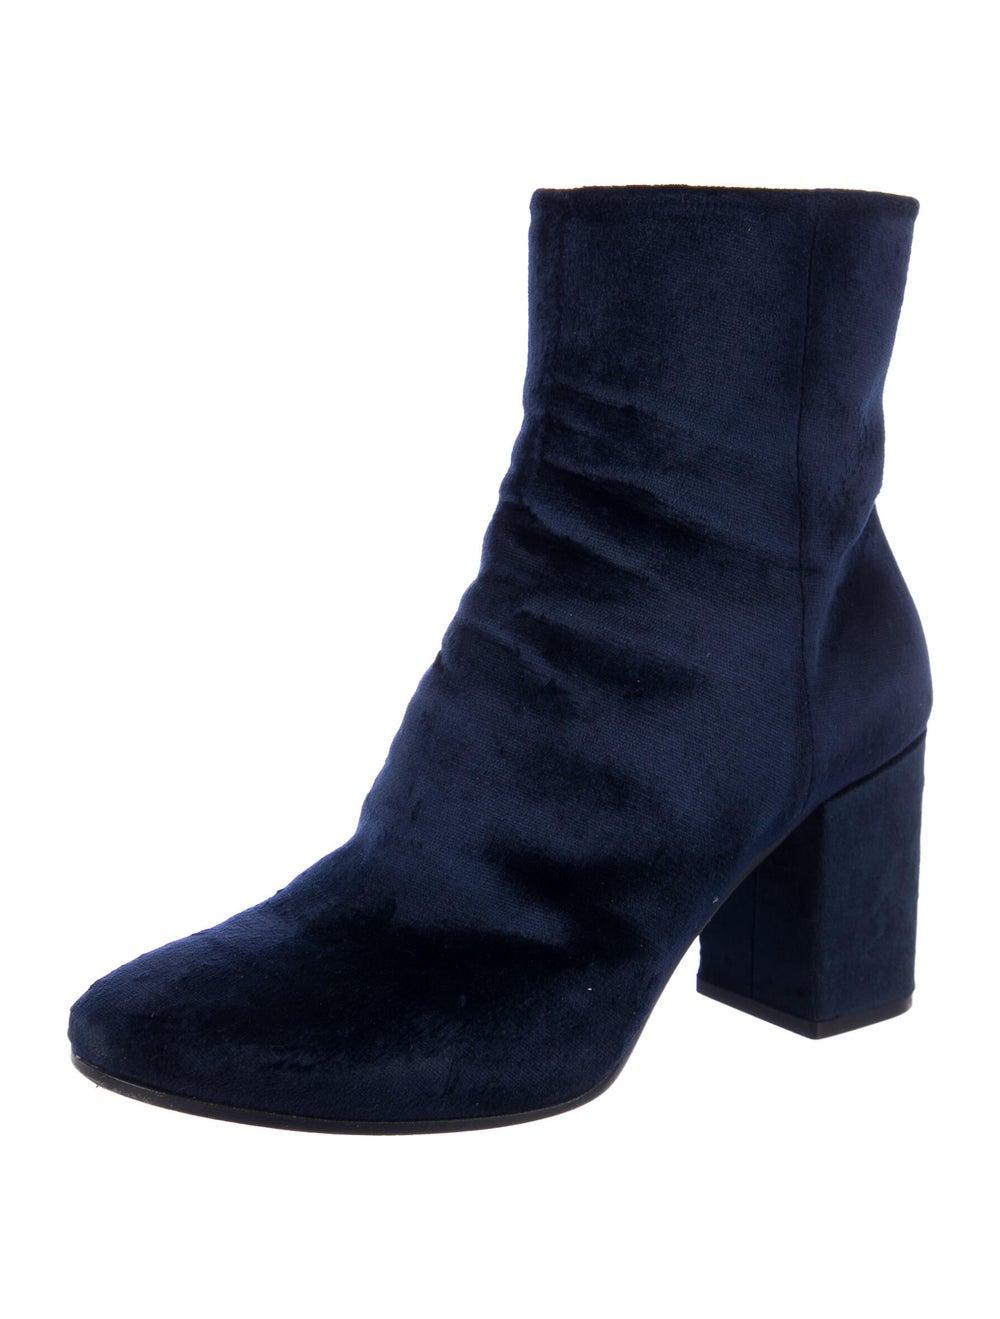 Balenciaga Boots Blue - image 2